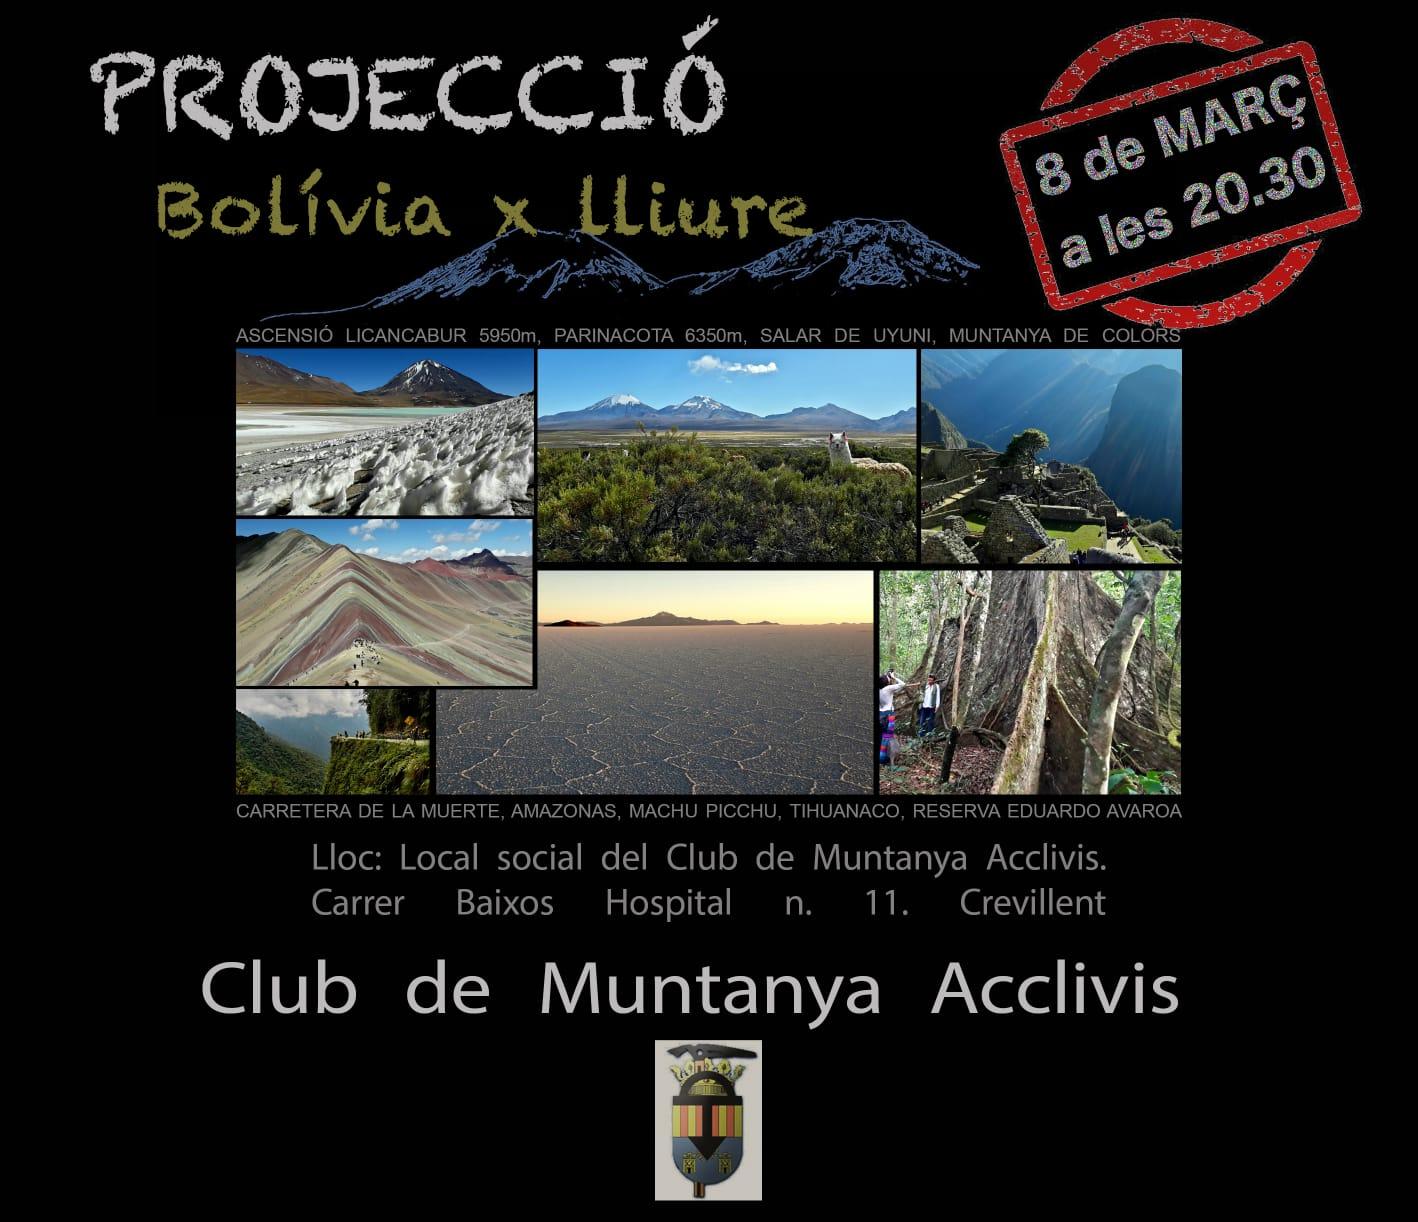 """8 de Març: Projecció """"Bolívia x lliure"""""""